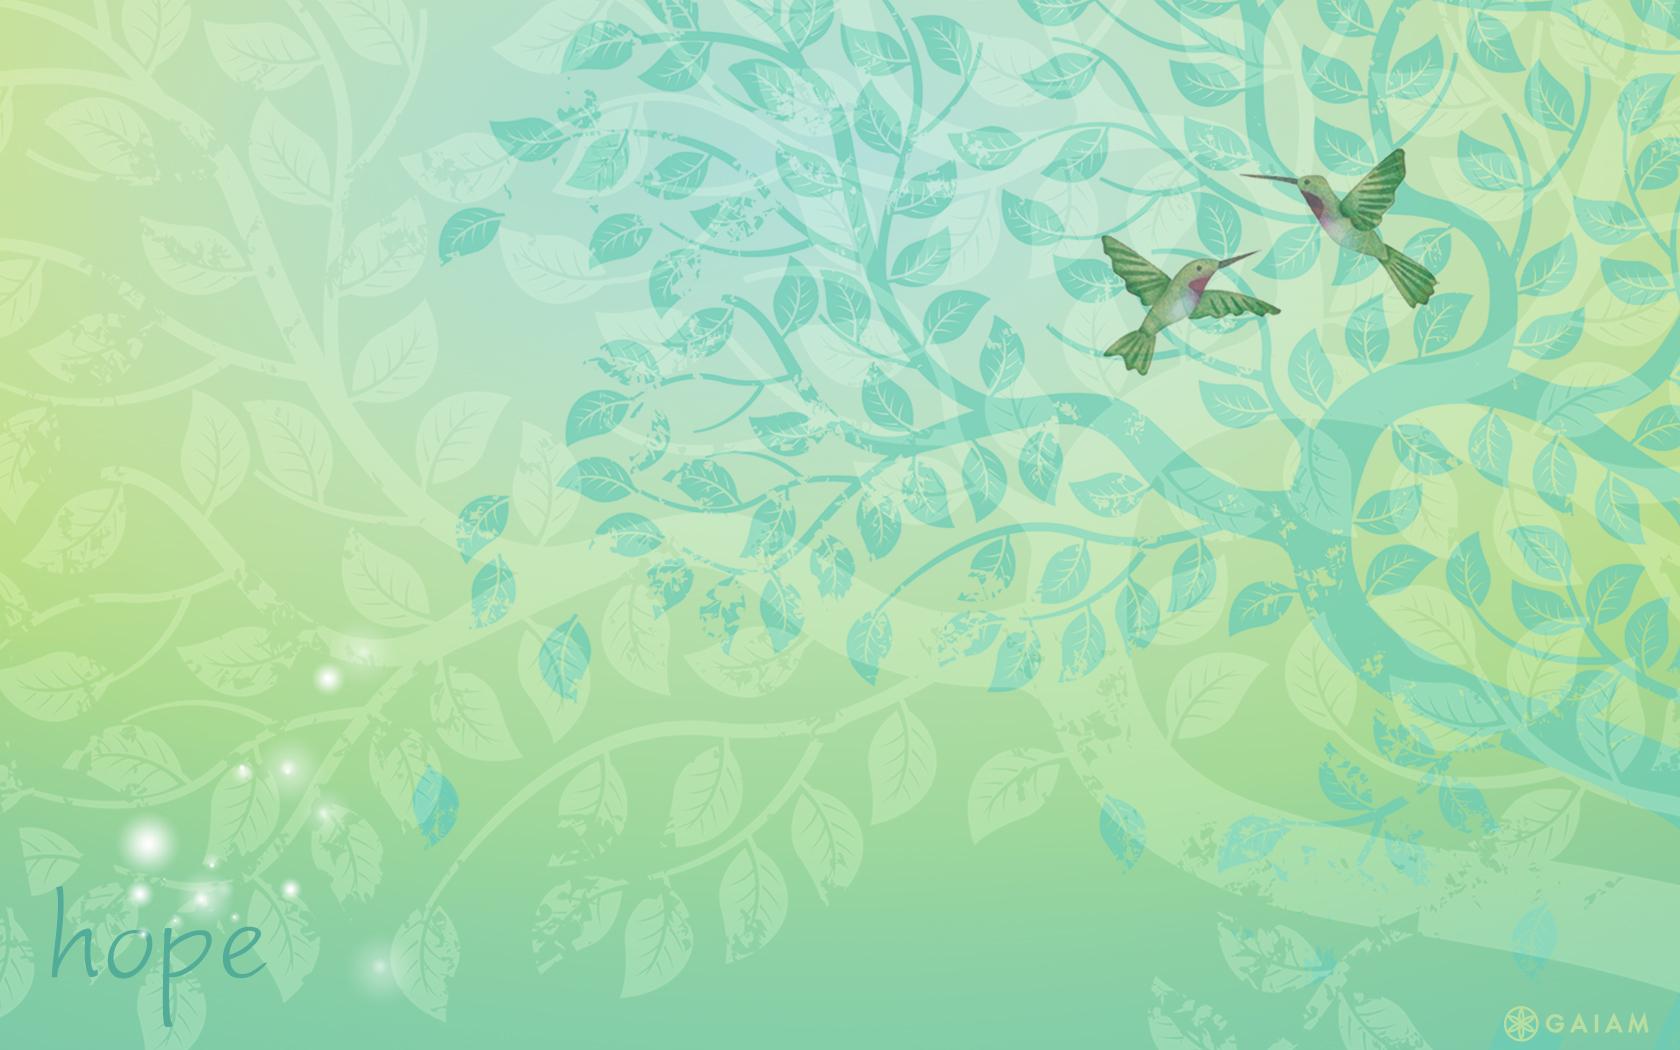 Wallpaper iphone yoga - Yoga Iphone Wallpaper Hope Desktop Wallpaper 1680 X